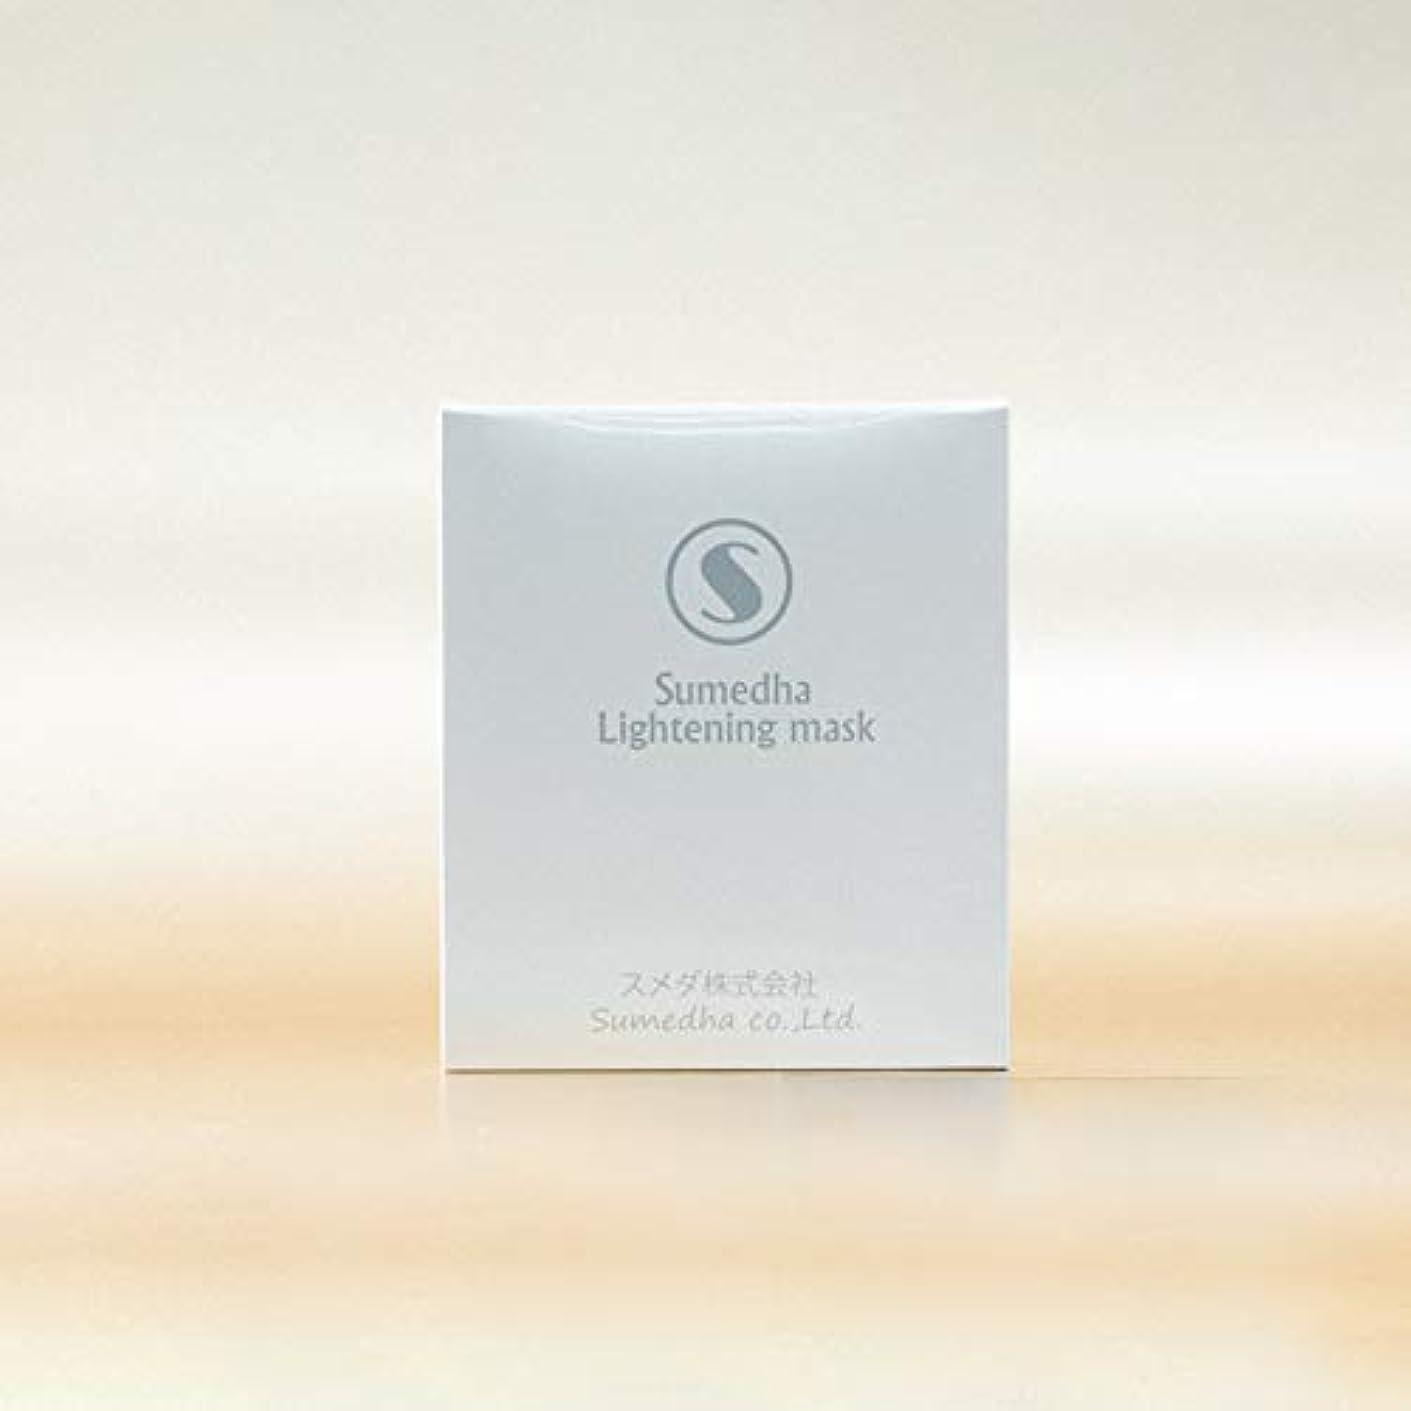 周囲チャネルナイロンフェイスマスク Sumedha パック 保湿マスク 日本製 マスク フェイスパック 3枚入り 美白 美容 アンチセンシティブ 角質層修復 抗酸化 保湿 補水 敏感肌 発赤 アレルギー緩和 コーセー (美白)